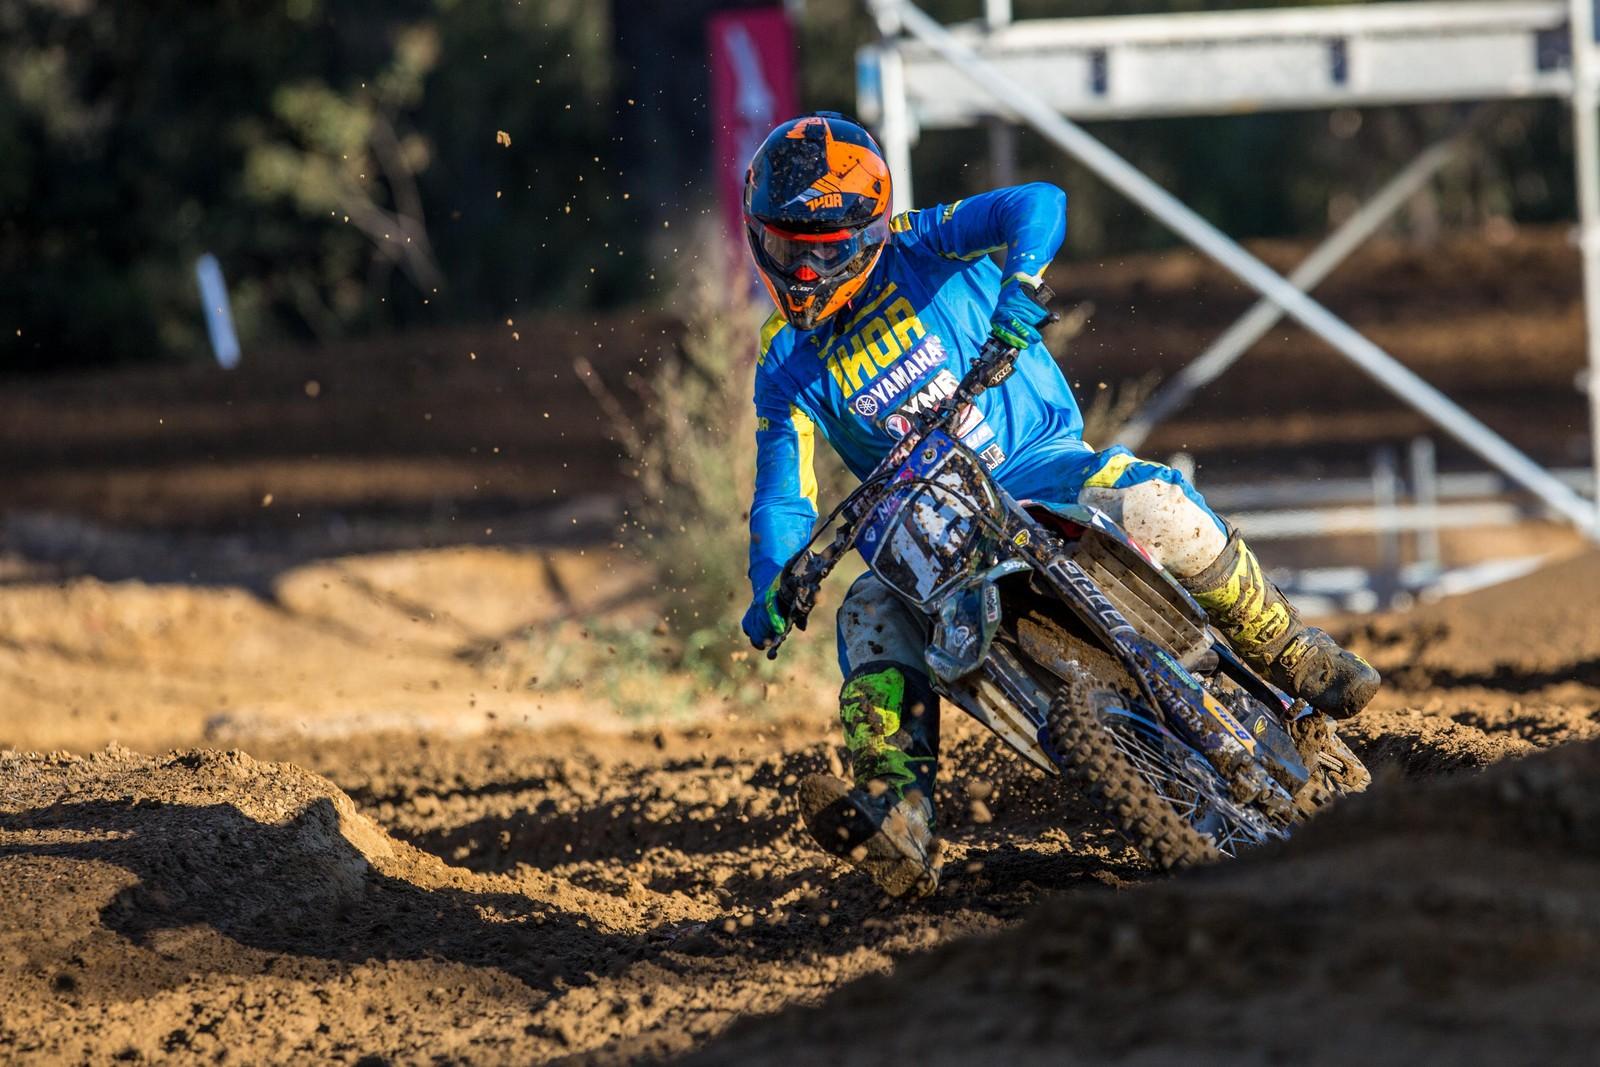 Aaron Tanti - Australian Motul MX Championships: Round 6, Nowra - Motocross Pictures - Vital MX